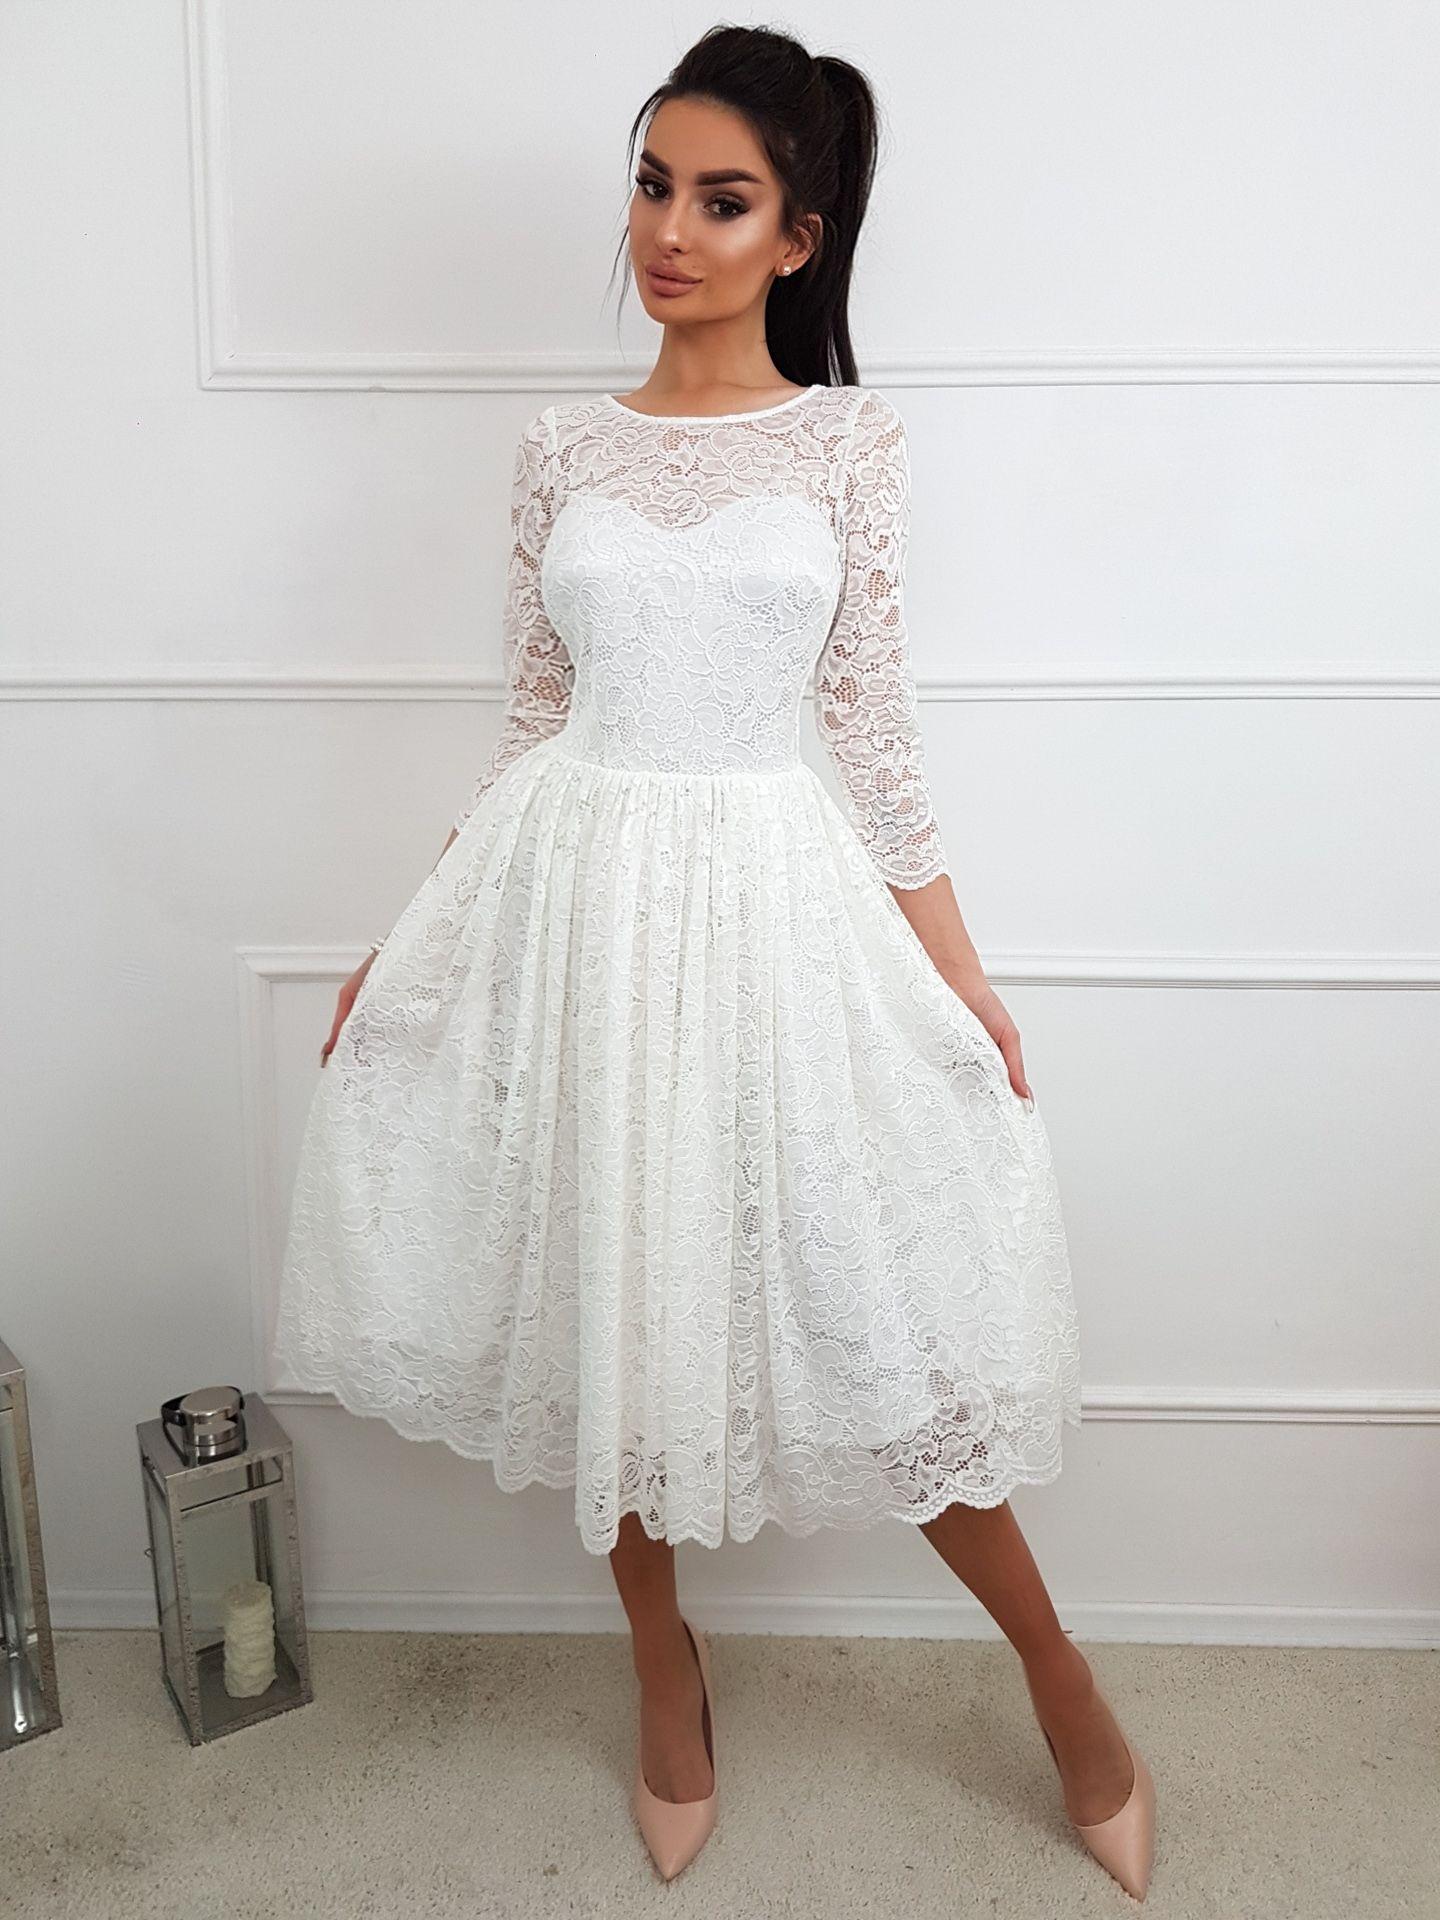 82dfa87b Carla- Koronkowa sukienka midi KM302-4 Niezwykle elegancka ...